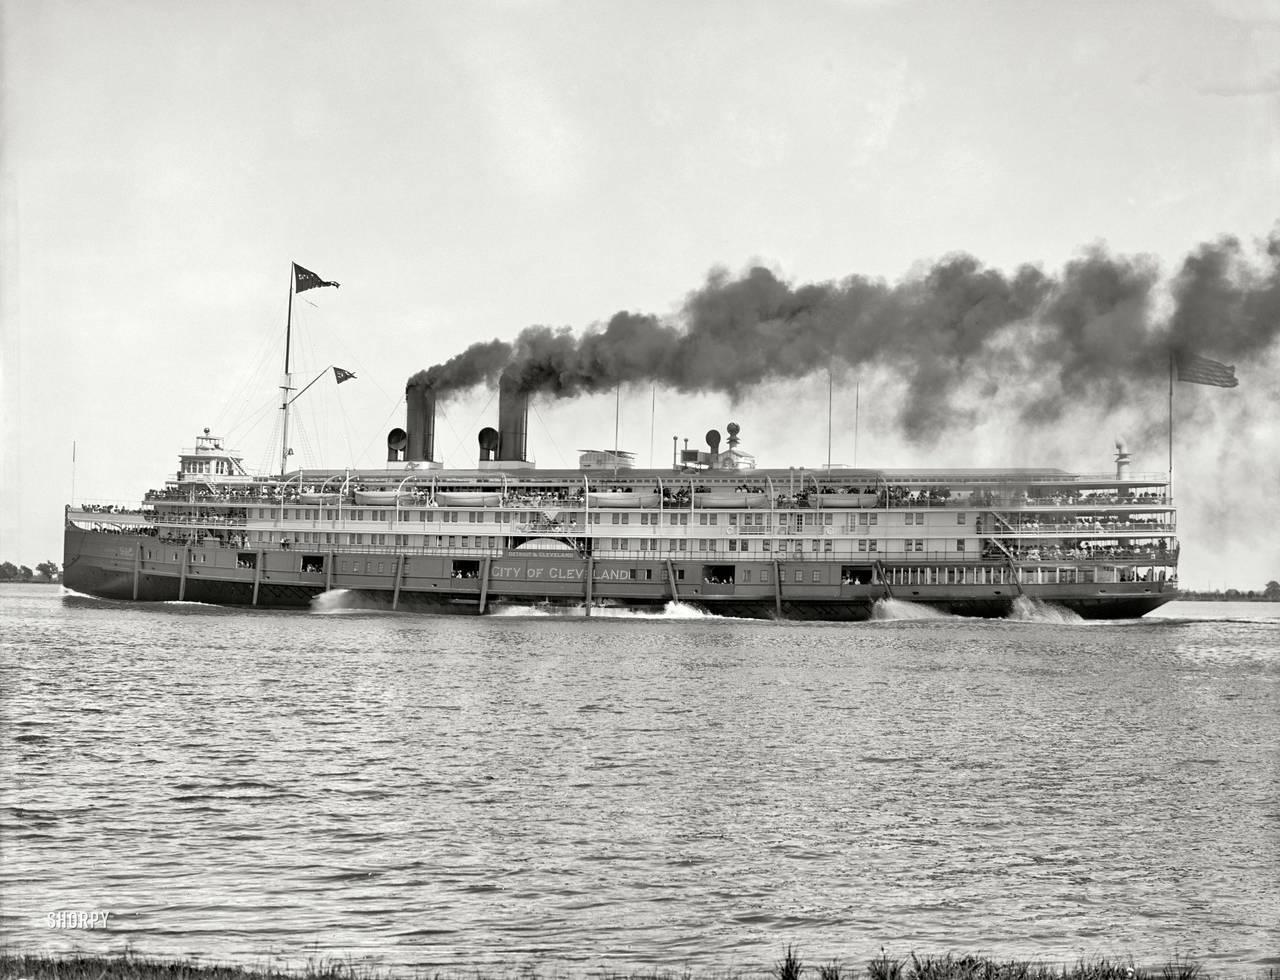 пассажирские пароходы начала века фото название подобные фотоаппараты